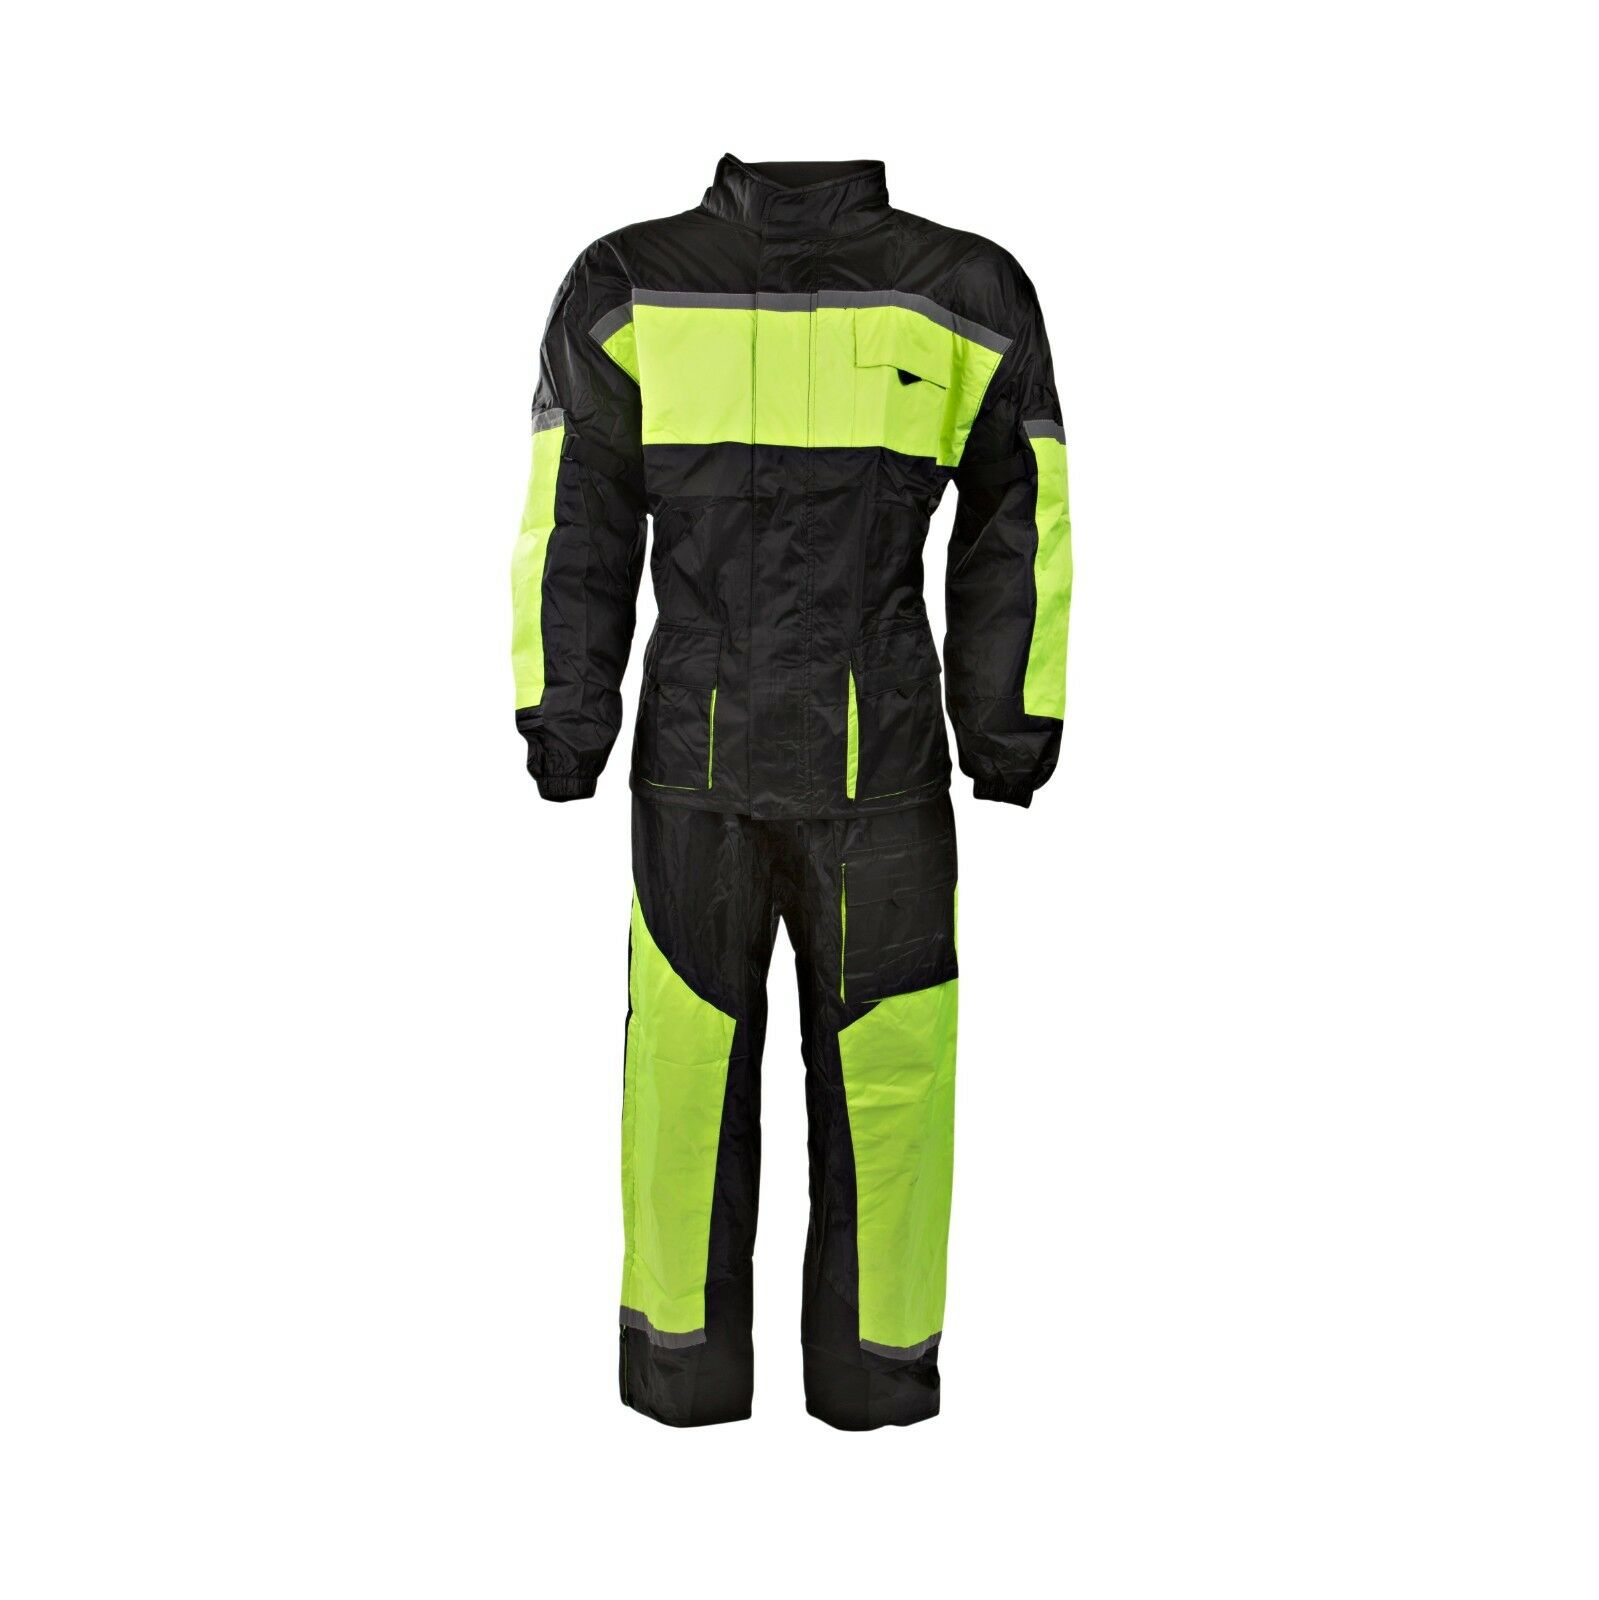 schwarz 100% Wasserdicht Hi-Viz Zwei 2-tlg Regenanzug Regenanzug Regenanzug Motorrad Oversuit bcc35d